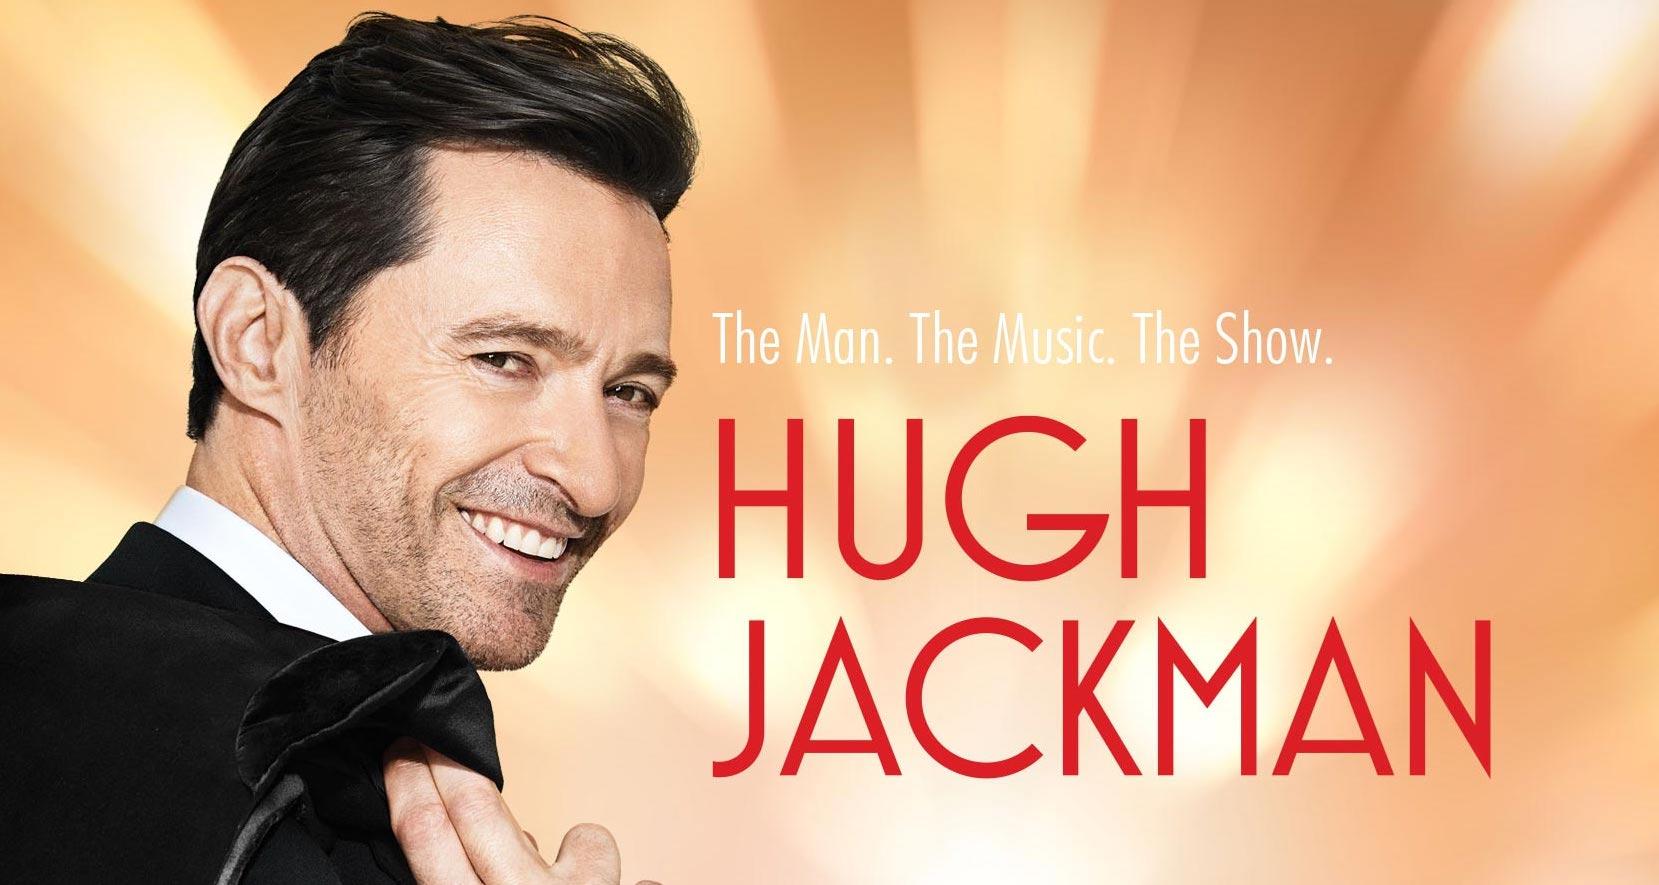 Hugh Jackman anuncia gira mundial de conciertos